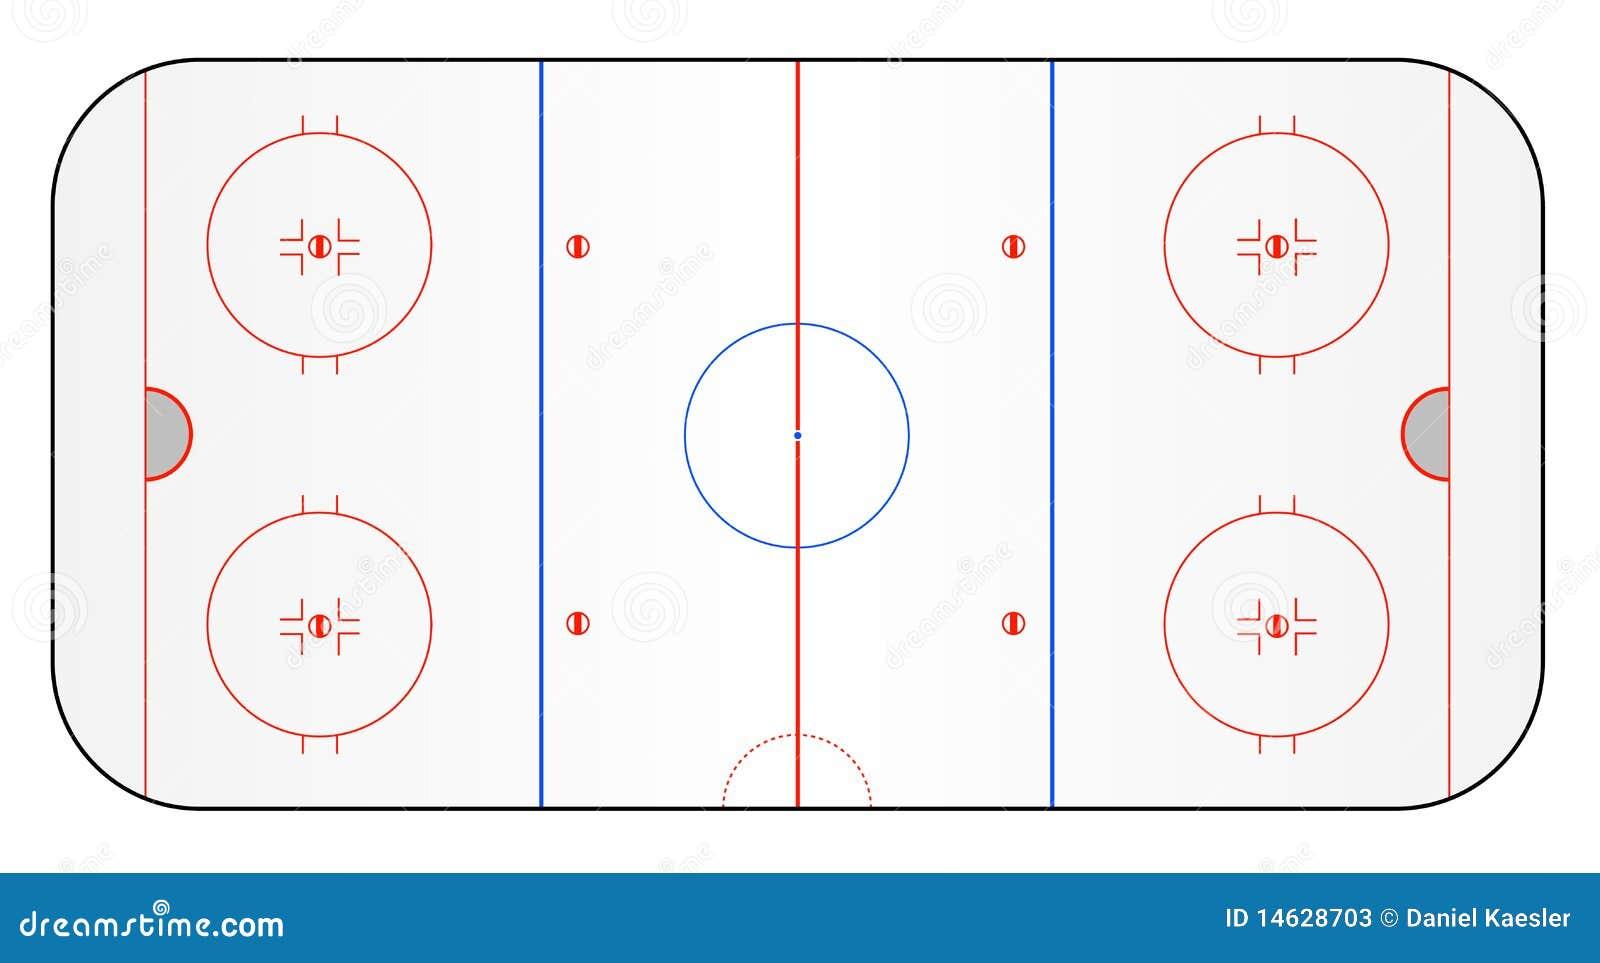 Eishockey Spielfeld MaГџe Nhl